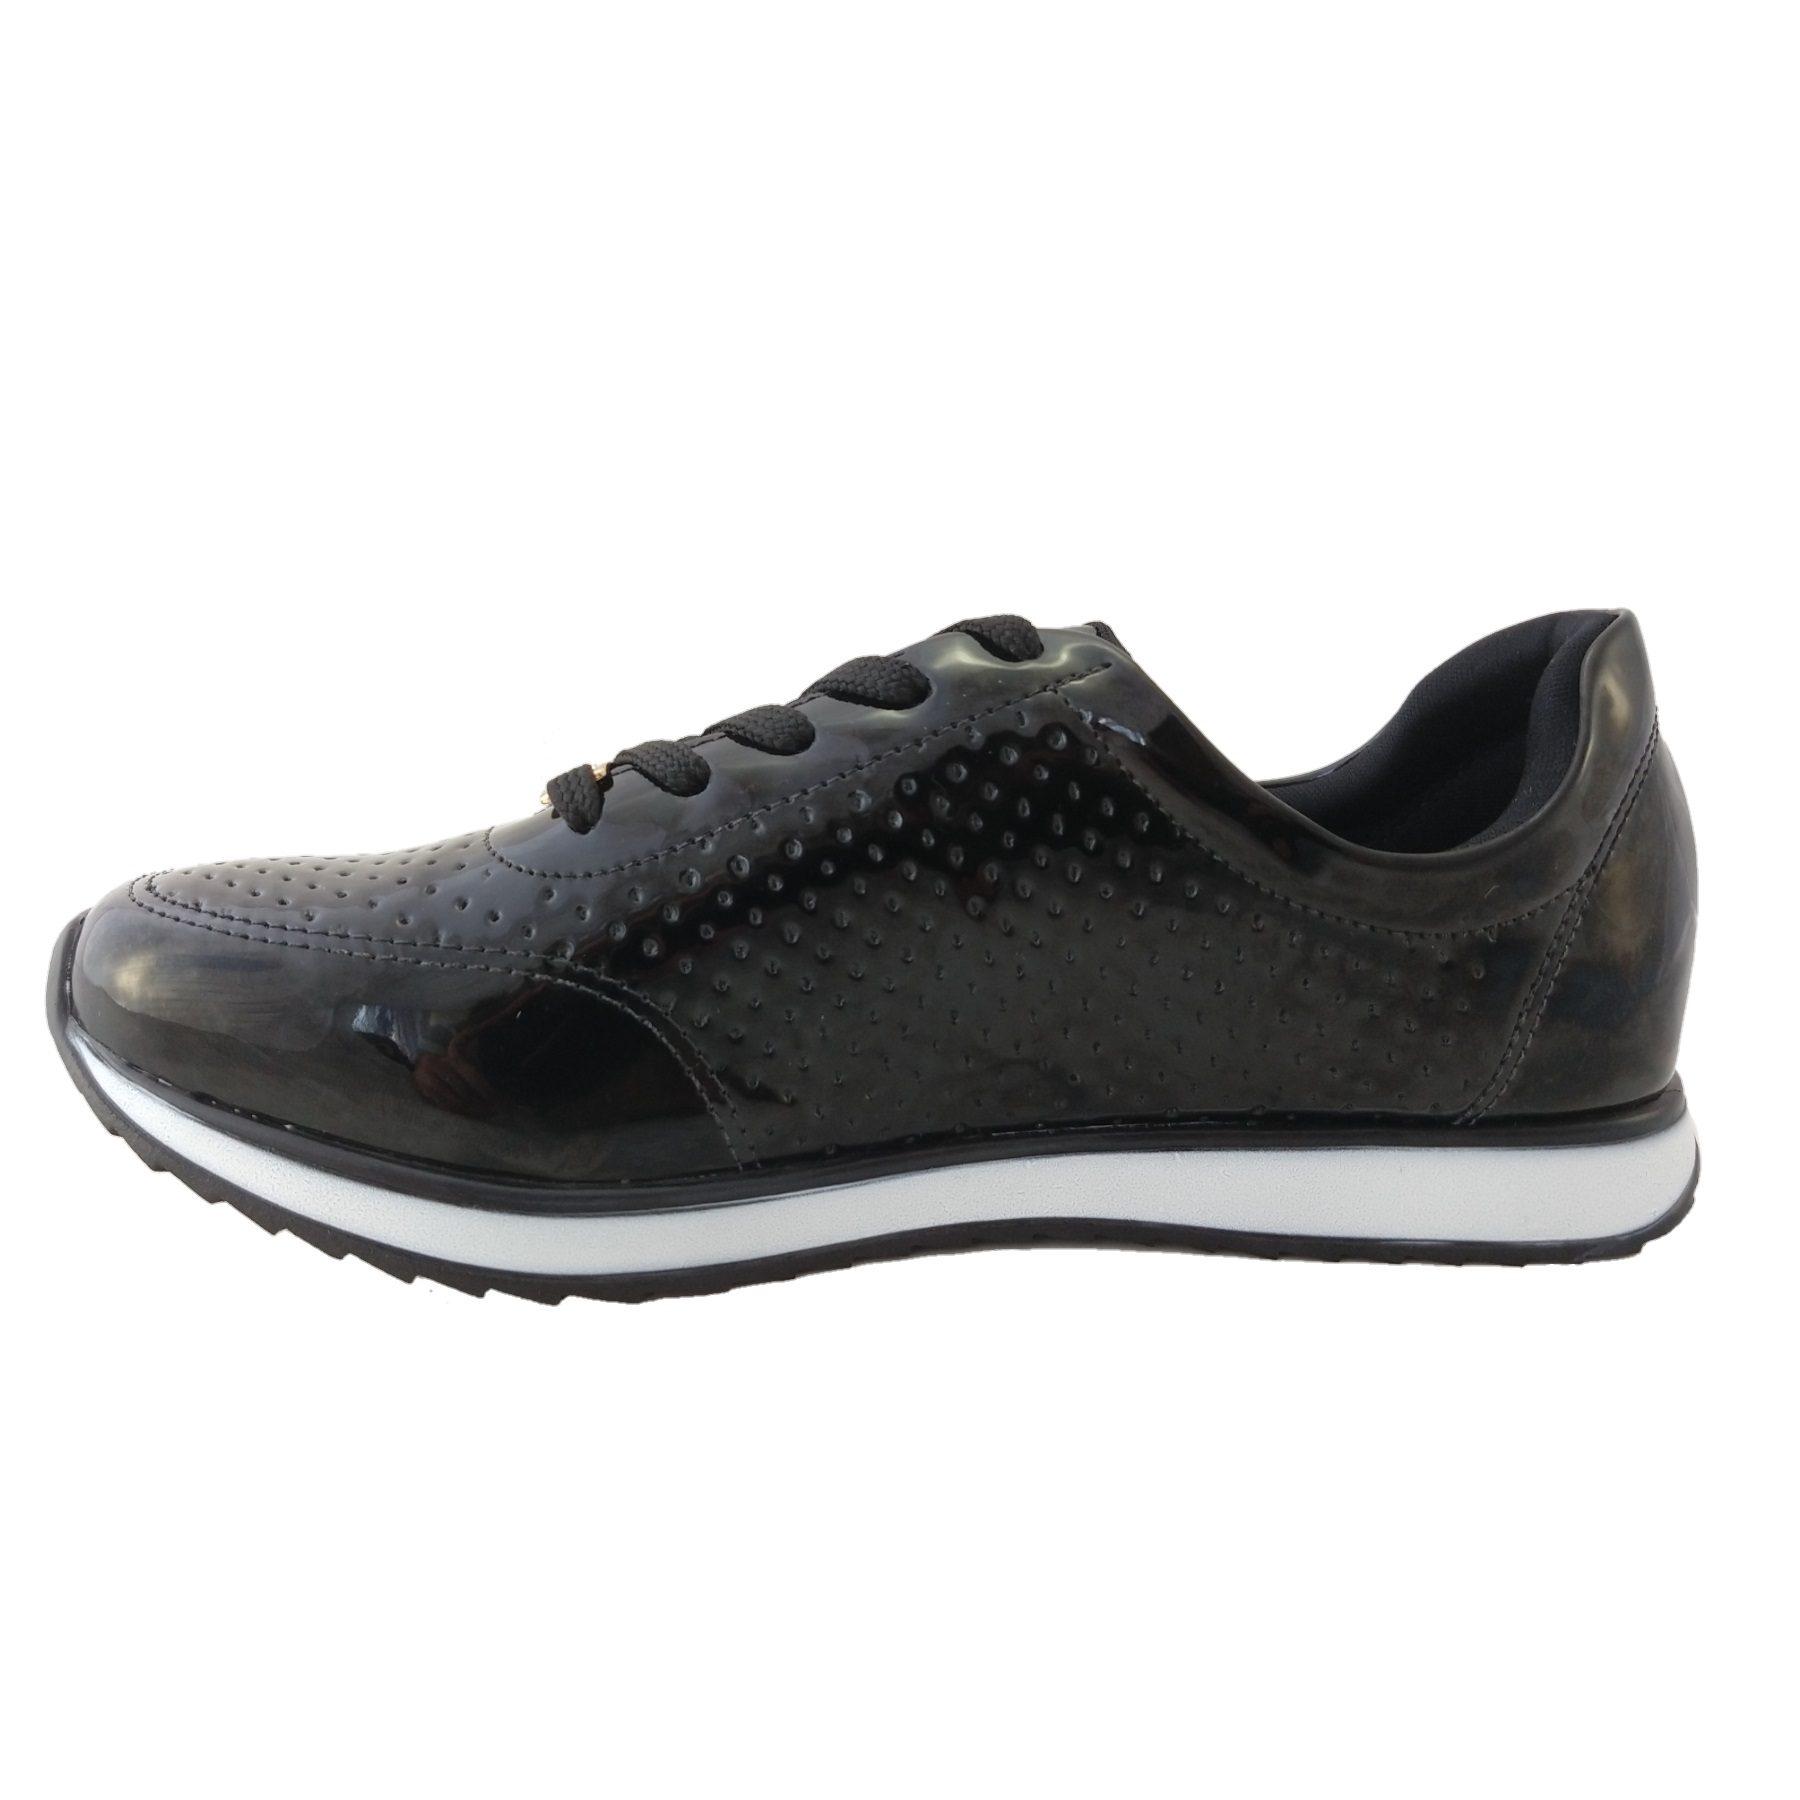 Tênis Feminino Via Uno Jogging Verniz Preto  - SAPATOWEB.COM